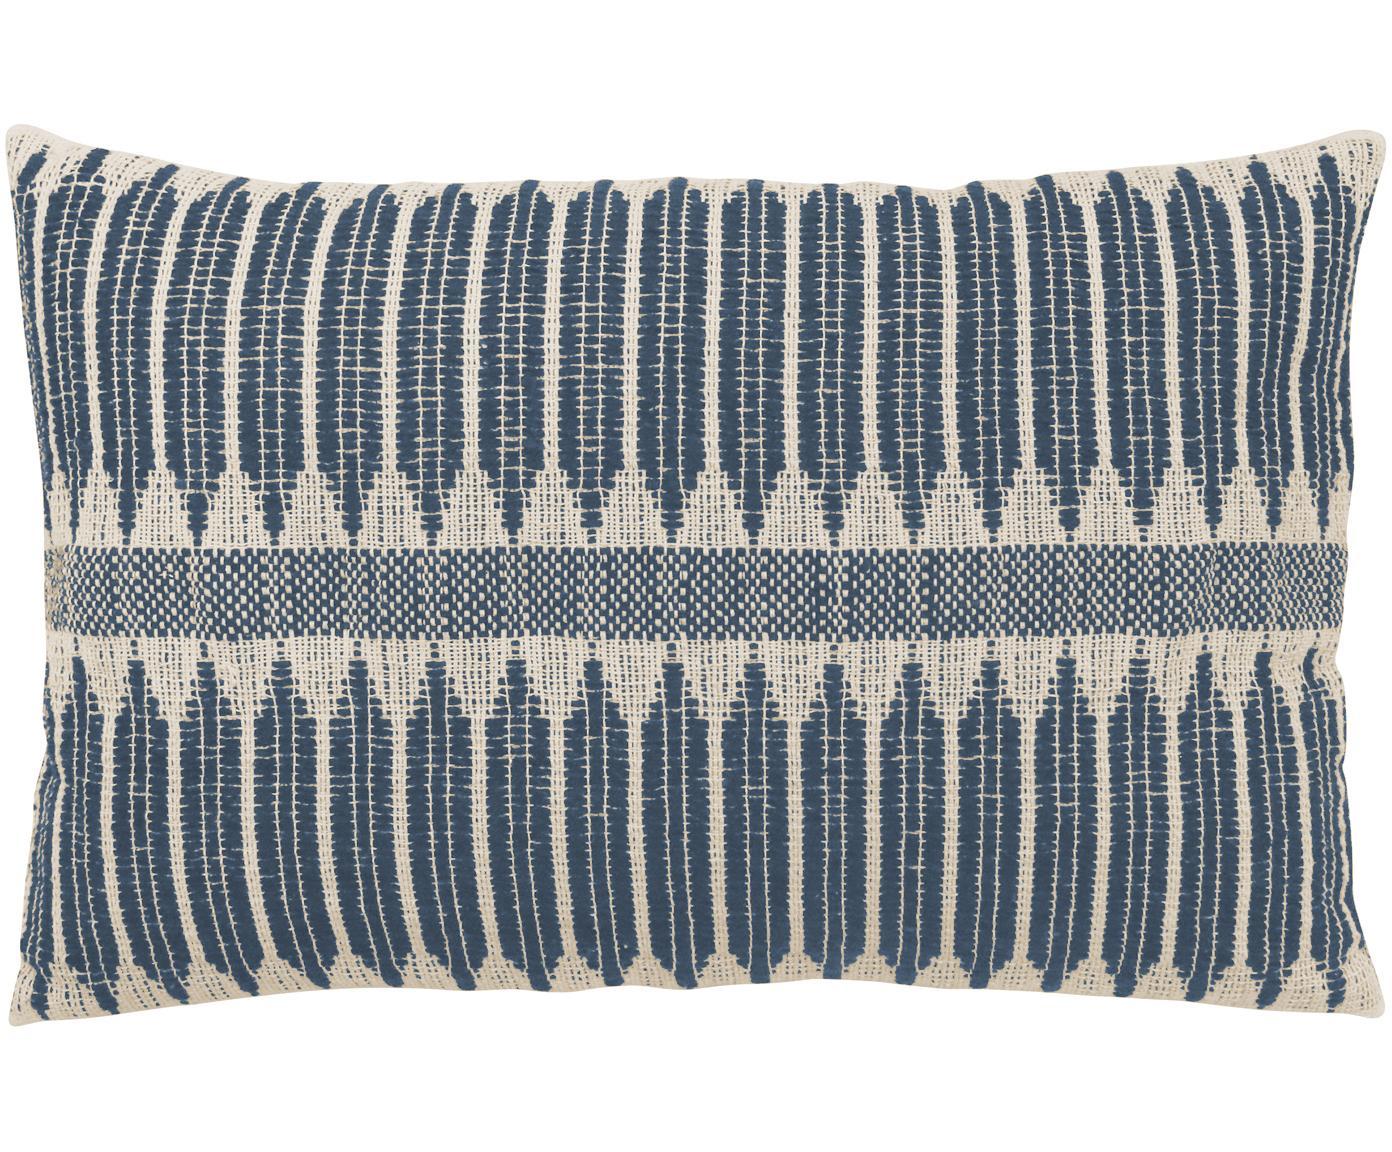 Handgemaakt kussen Aztec in boho stijl, met vulling, Donkerblauw, crèmekleurig, 40 x 60 cm